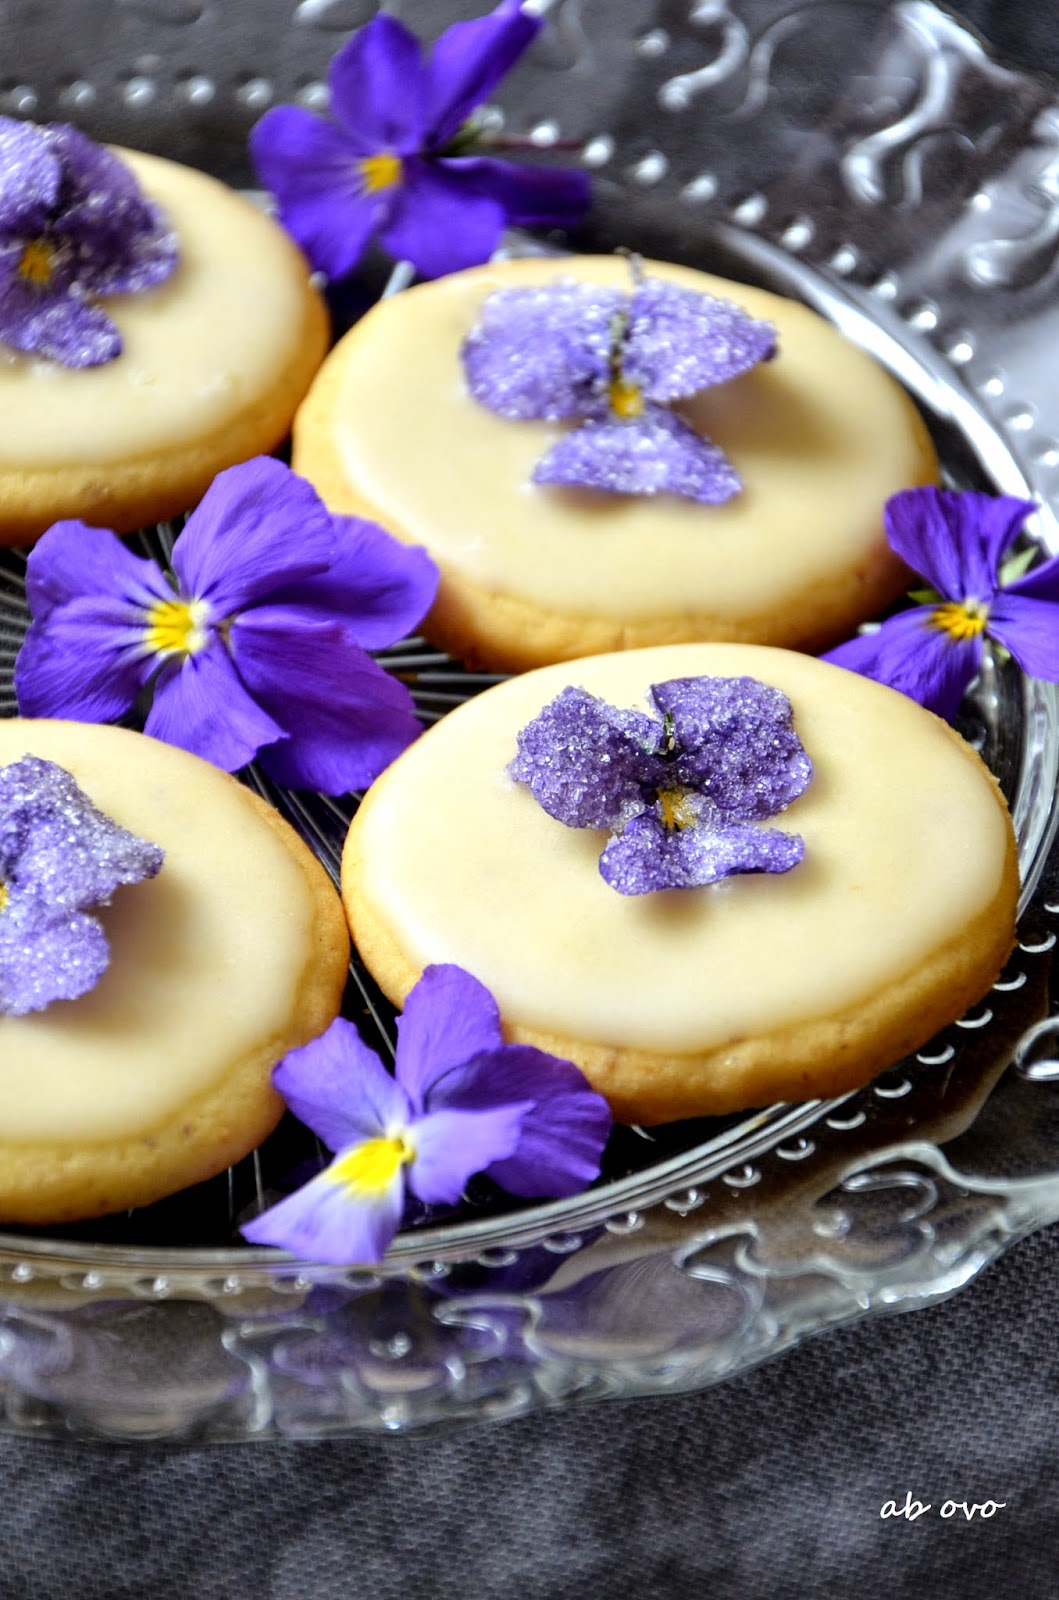 biscotti-alla-violetta